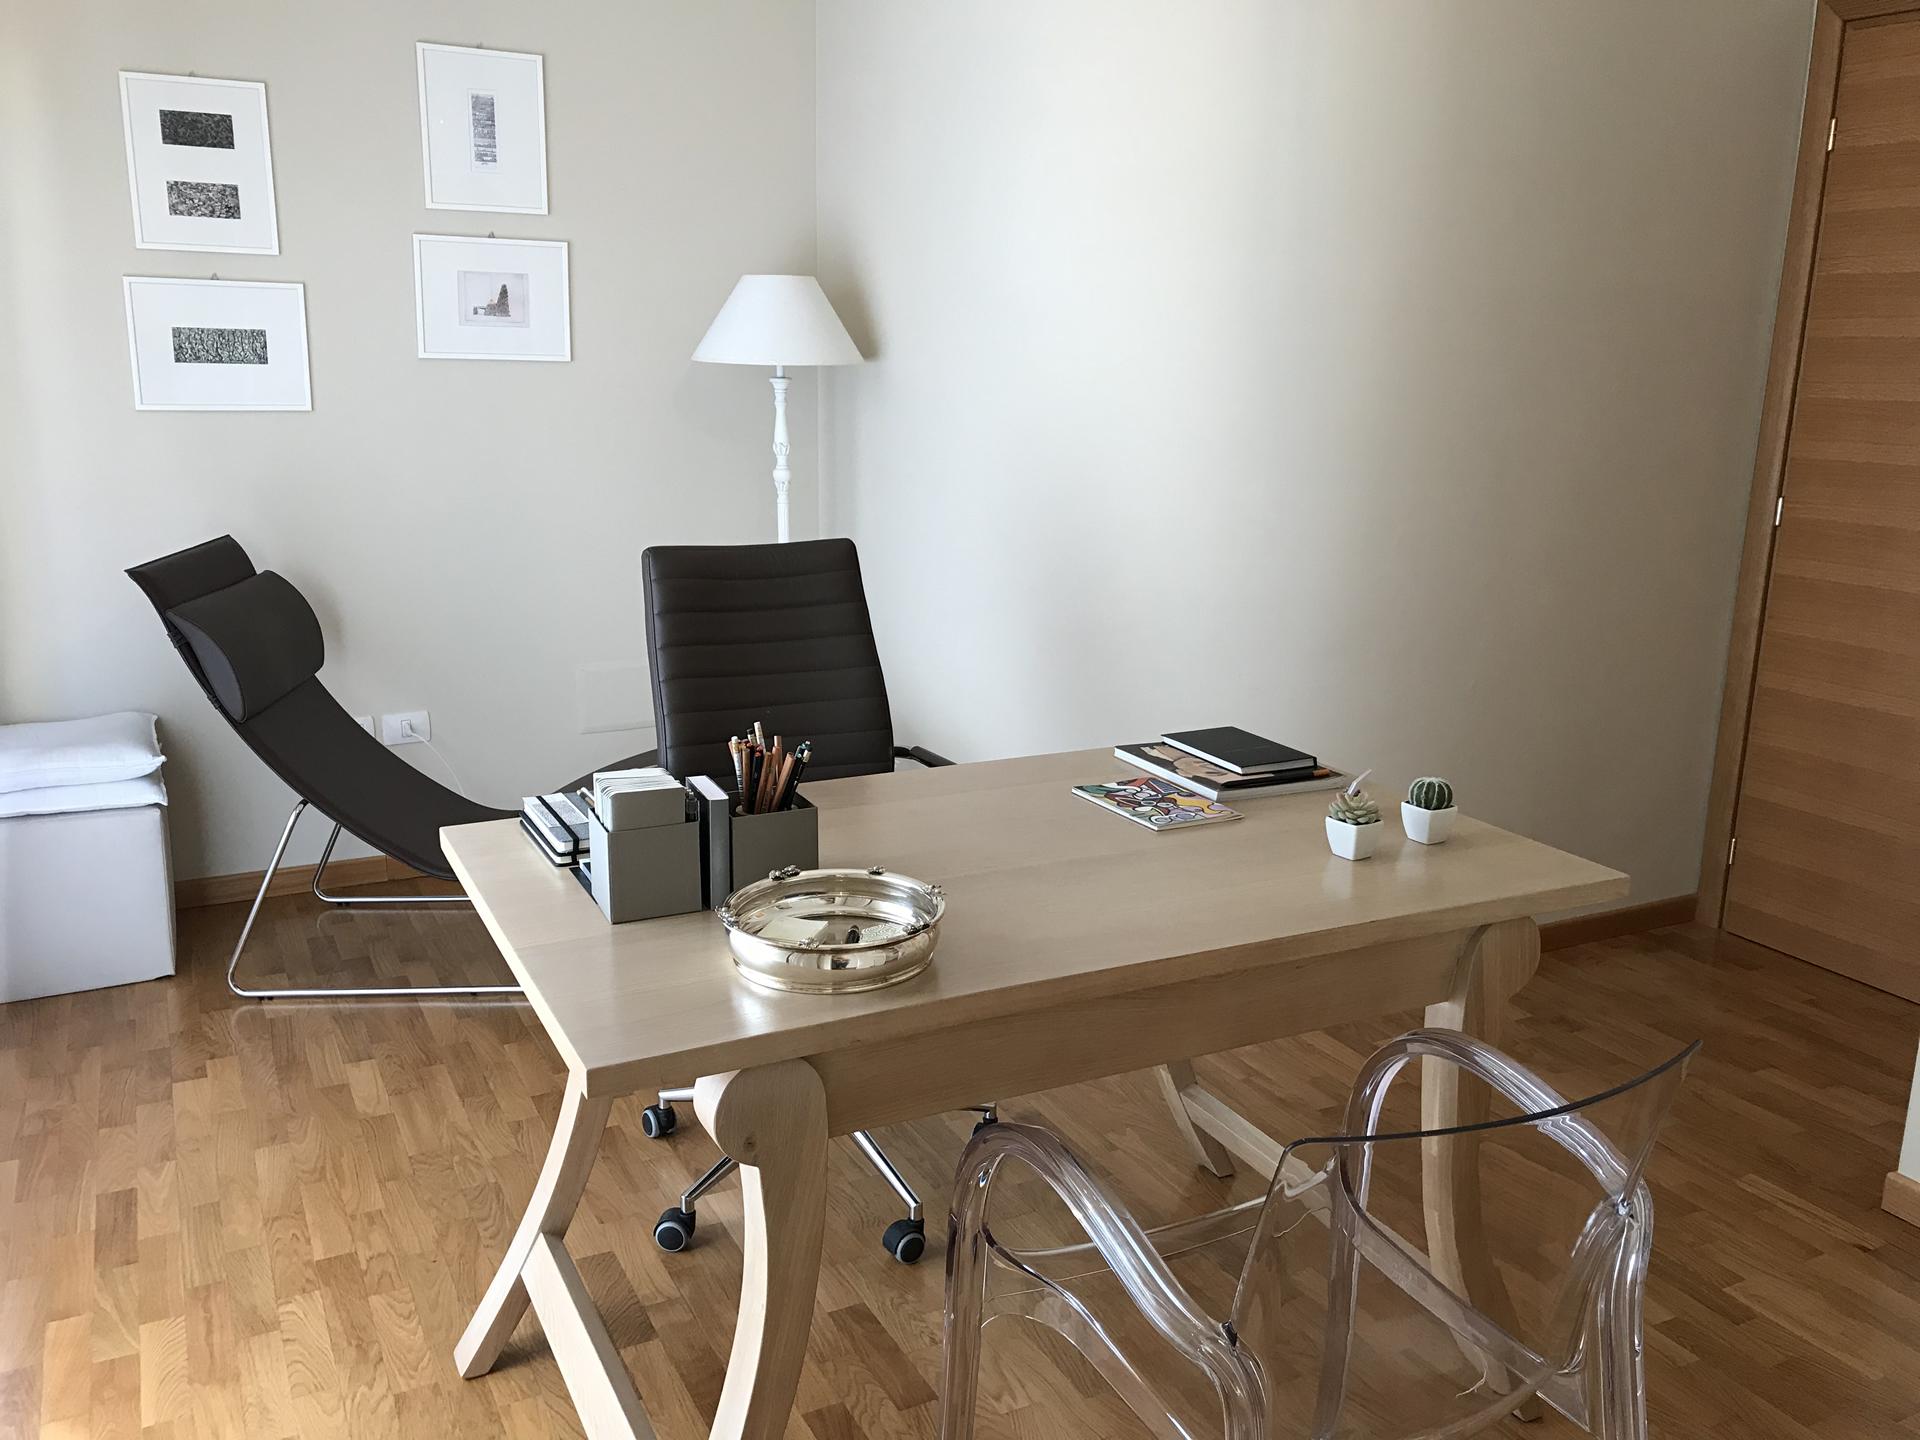 Psicologa e Psicoterapeuta a Perugia